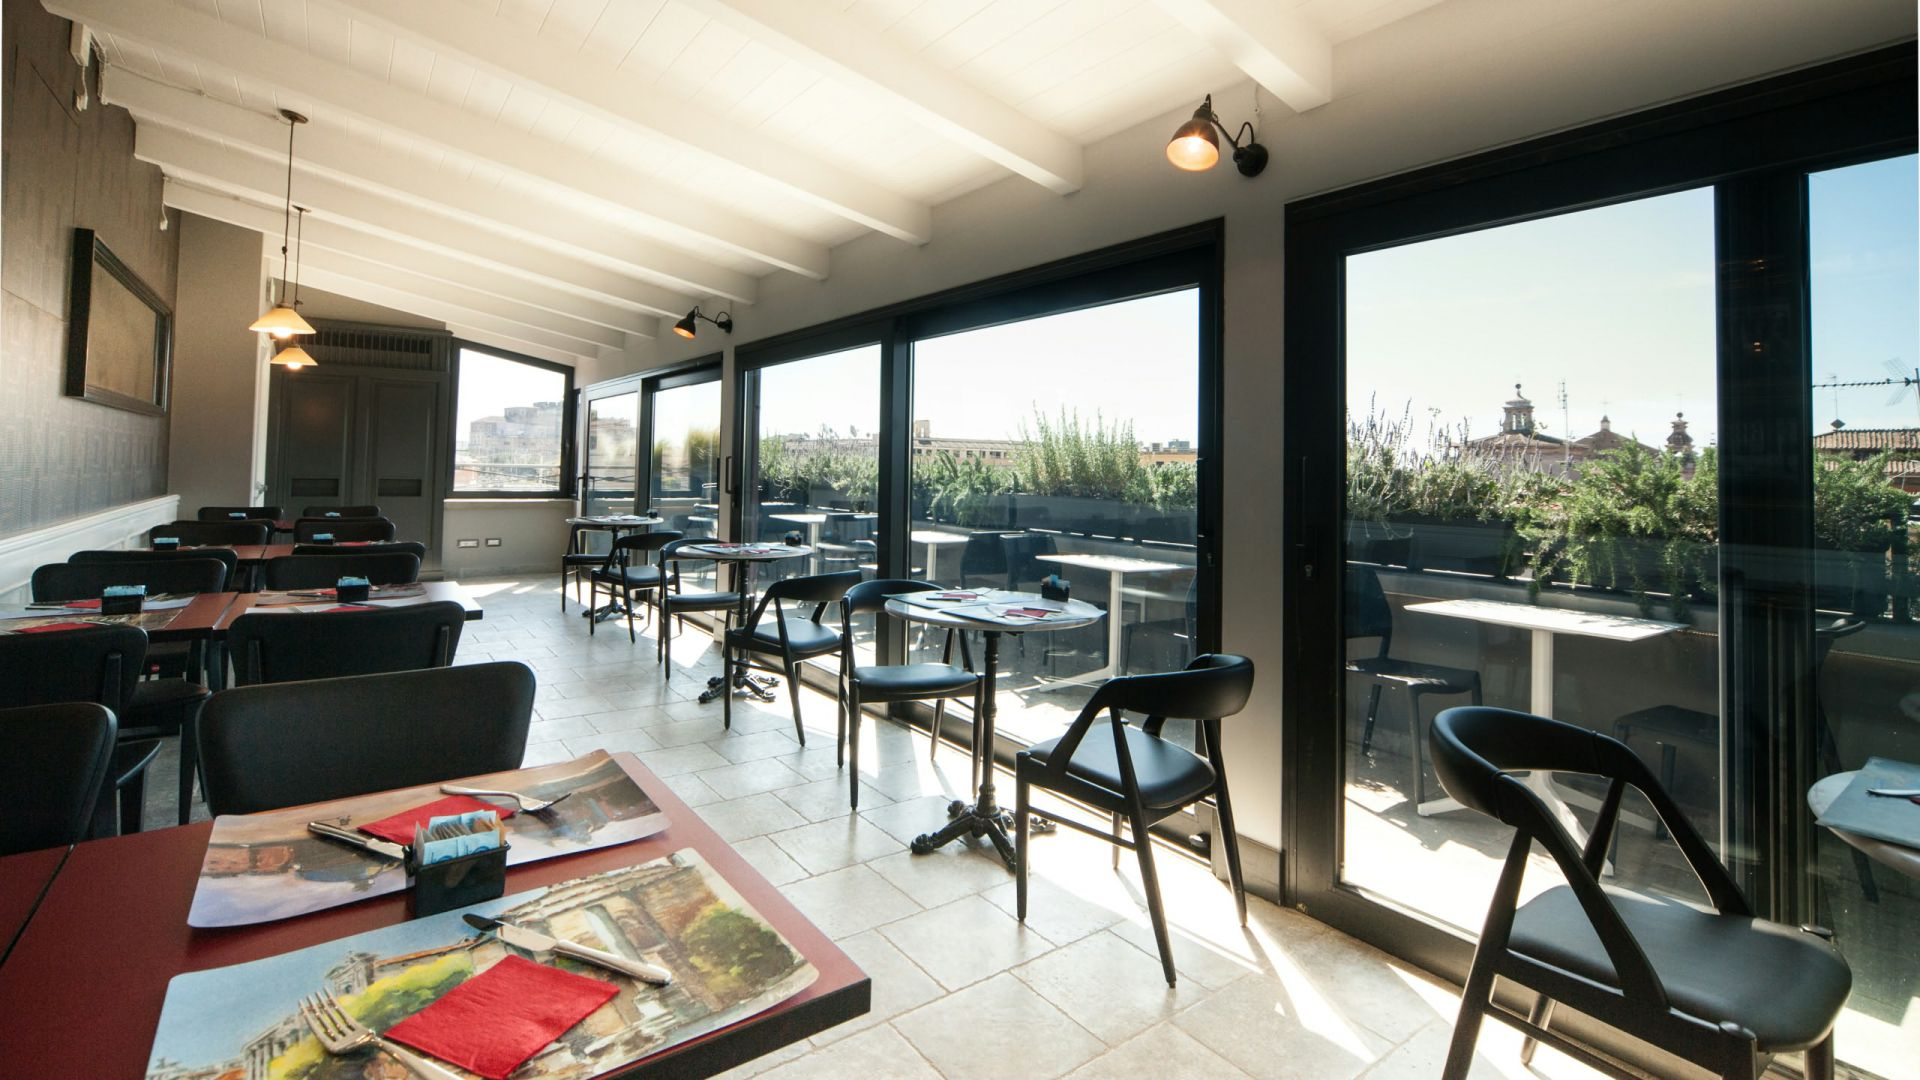 hoteltrianon-colazione-5878-1